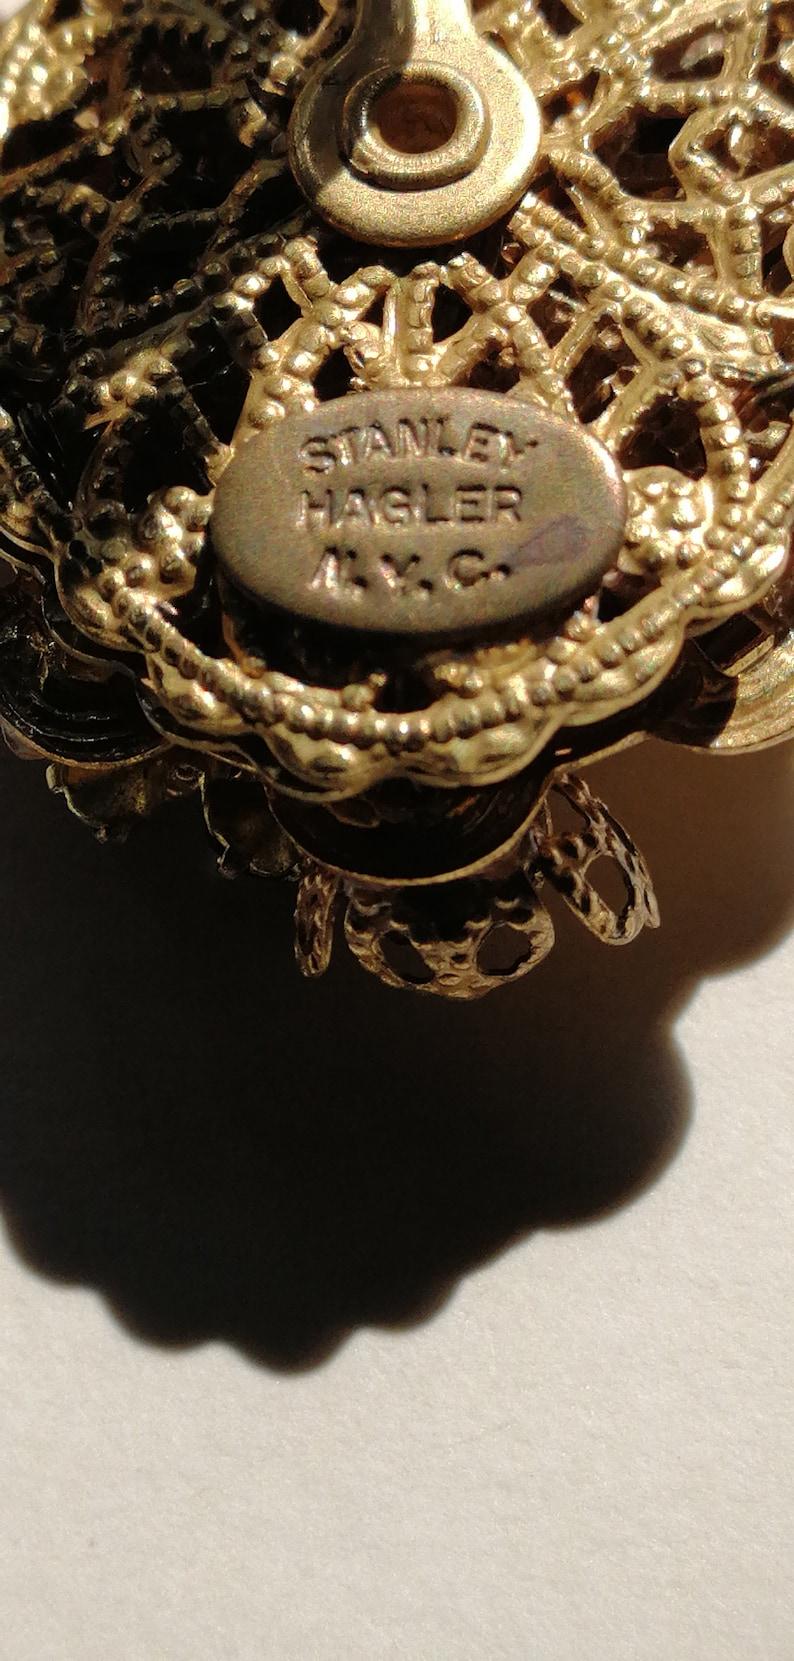 Stanley Hagler by Stanley Hagler N.Y.C Amber hanging earrings 60/'s 244